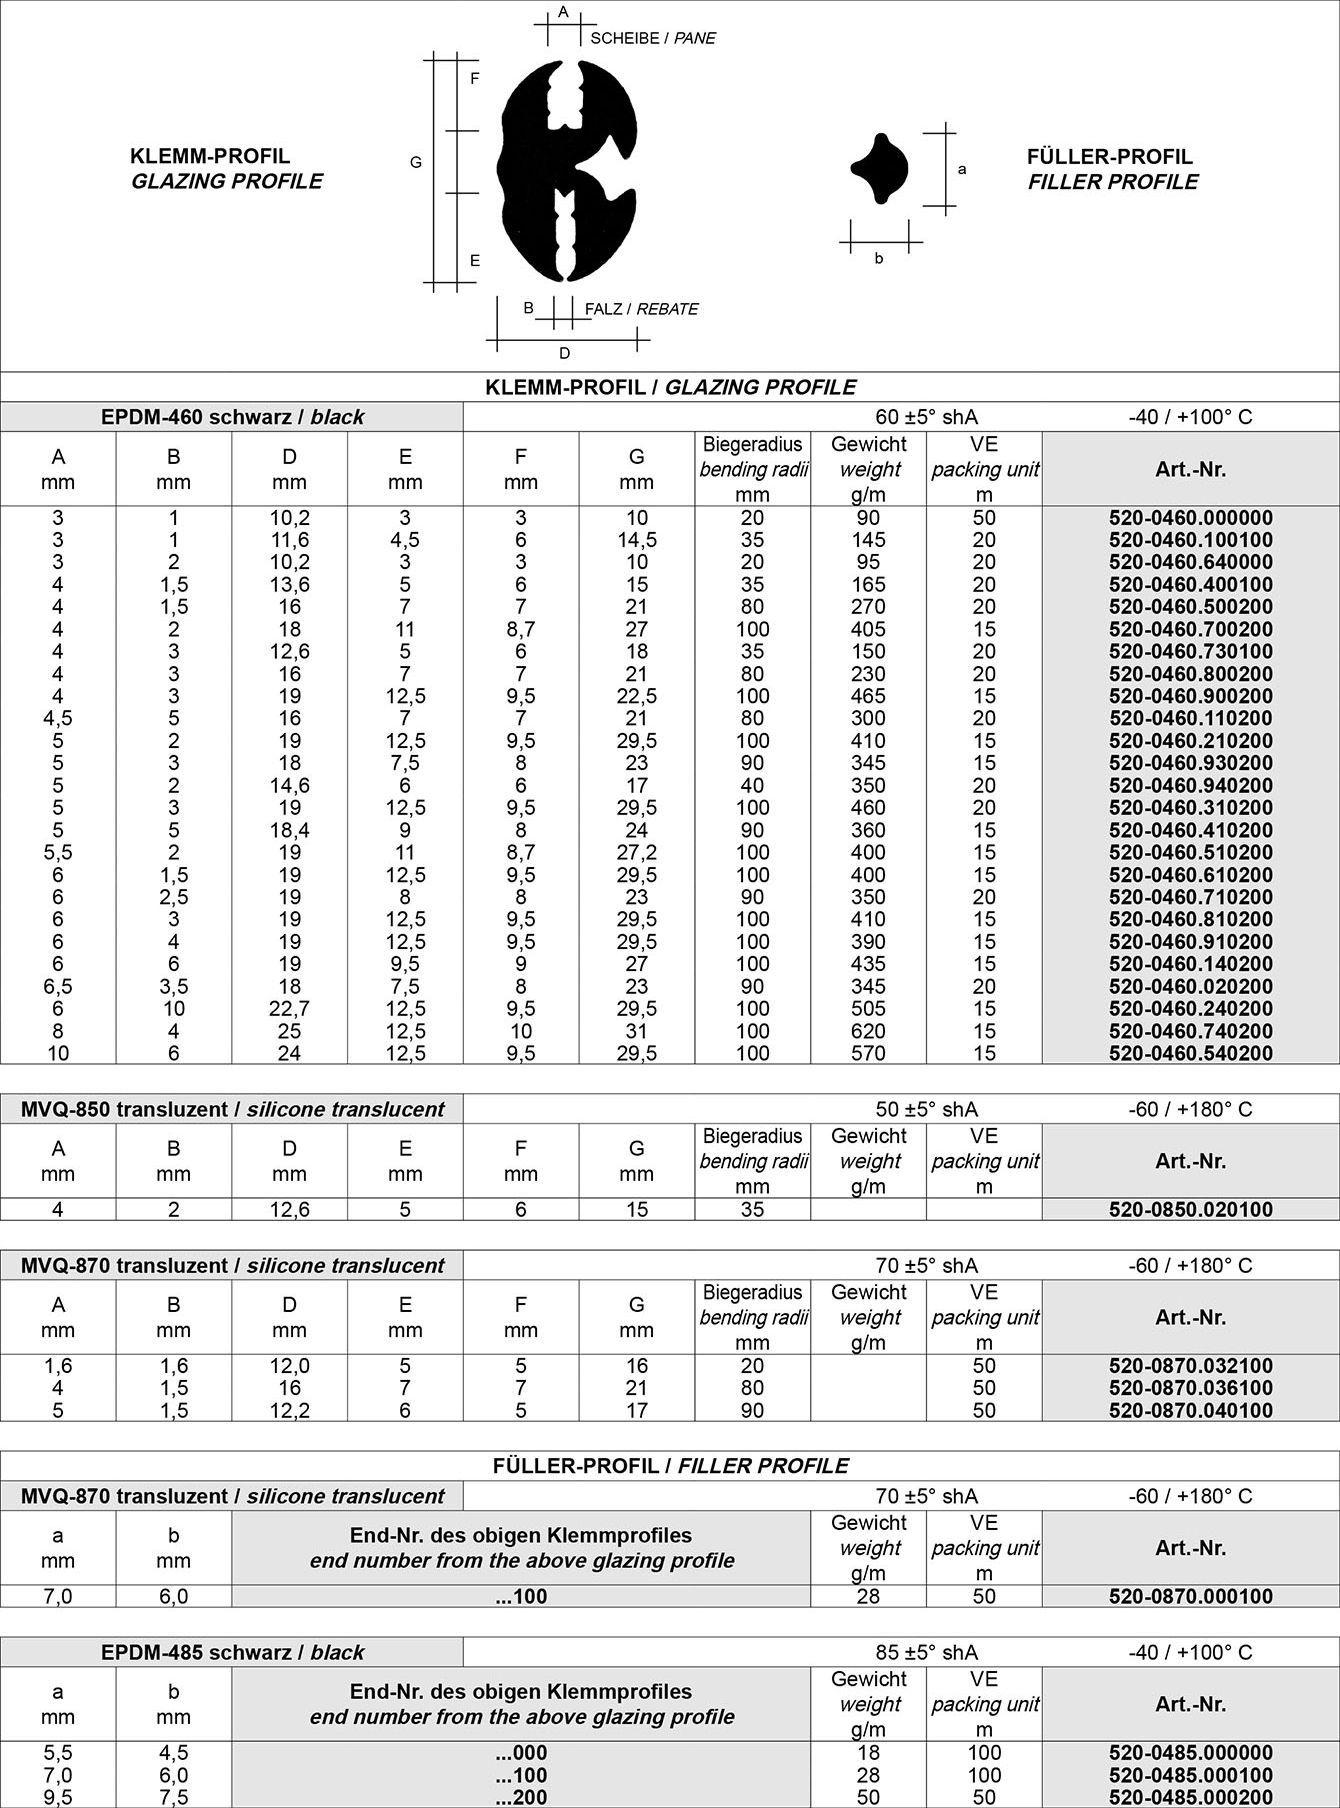 Tabelle DT Dichtungs-Technik GmbH, Dichtungstechnik, DT, Bremen, Schläuche, Armaturen, Dichtungen, Dichtringe, Profile, Klemm, Profile, Füllerprofil, vulkanisierter Rahmen